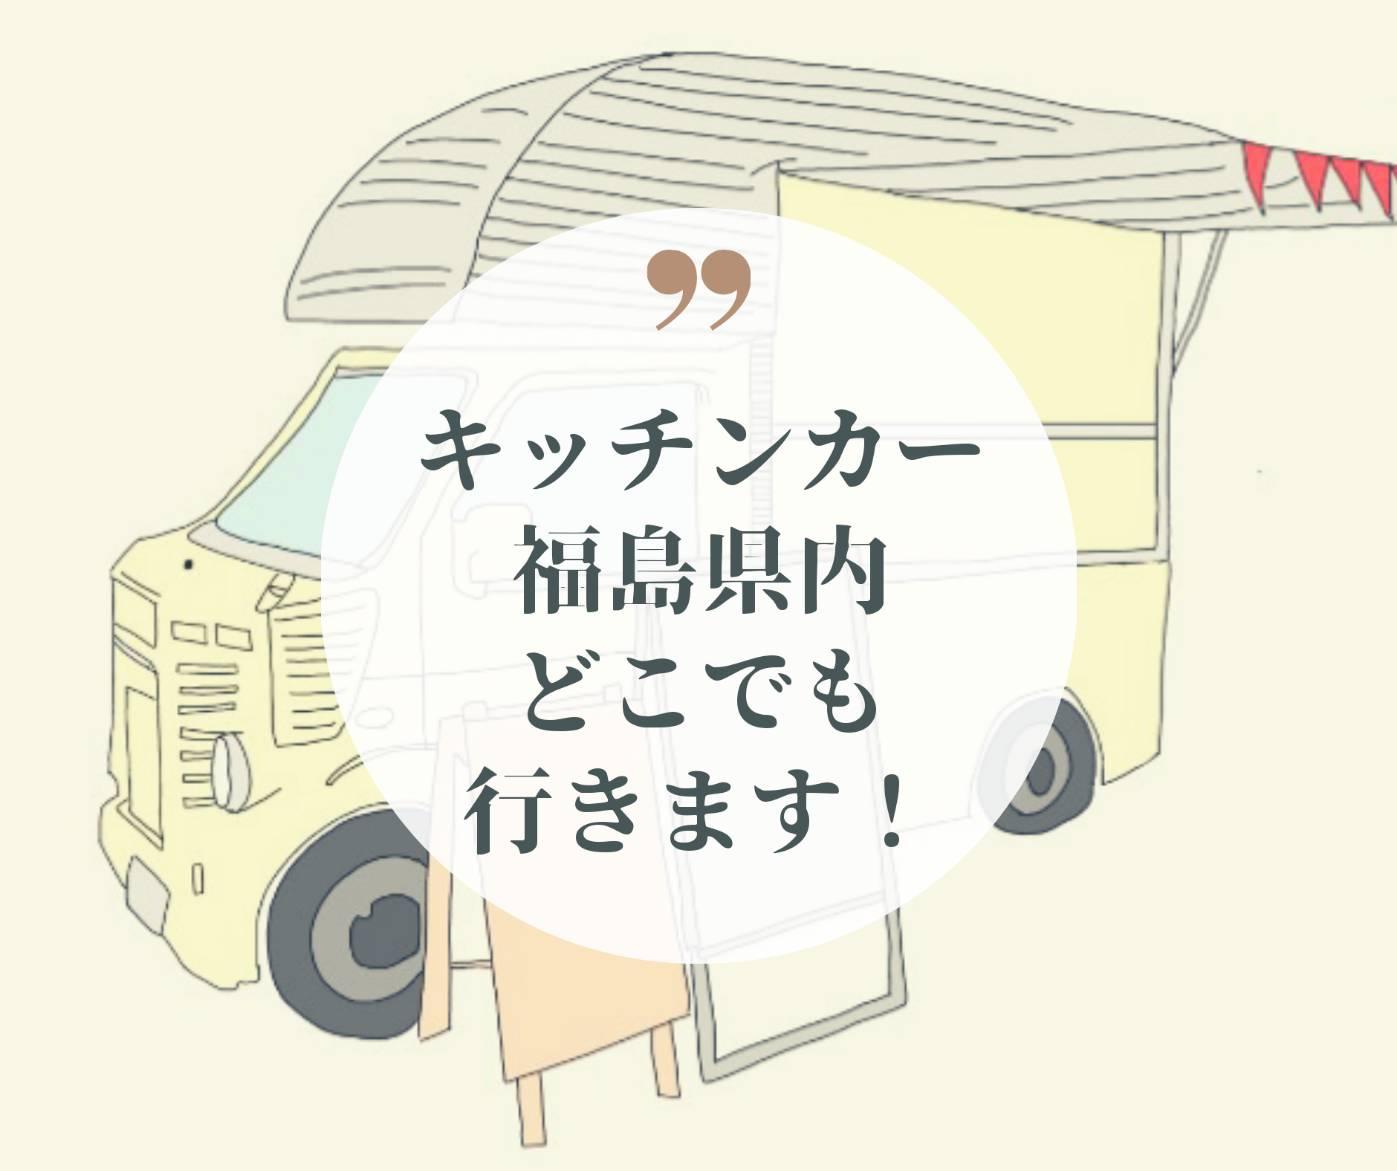 ・キッチンカーを福島県内どこでも呼んでいただけます。日程は応相談です。支援後改めて連絡させていただきます。 ・感謝の気持ちとして、インターンの学生及びi-step株式会社から、お礼のメールを送らせていただきます。 ・ご支援いただいた方のお名前を、お礼の意味を込めてi-stepのホームページ上に記載させていただきます。(希望者のみ) ※ご利用のメールアドレスによってはお礼のメールが「迷惑メールフォルダ」に入ってしまう場合があります。迷惑メールフォルダに手続き用のメールが届いていないかご確認ください。ドメイン指定受信をされている方は(info@istep.co.jp)からのメールを受信可能に設定してください。 ※ホームページへの名前記載の希望者の方はお礼のメールに詳細を記載します。ご確認ください。